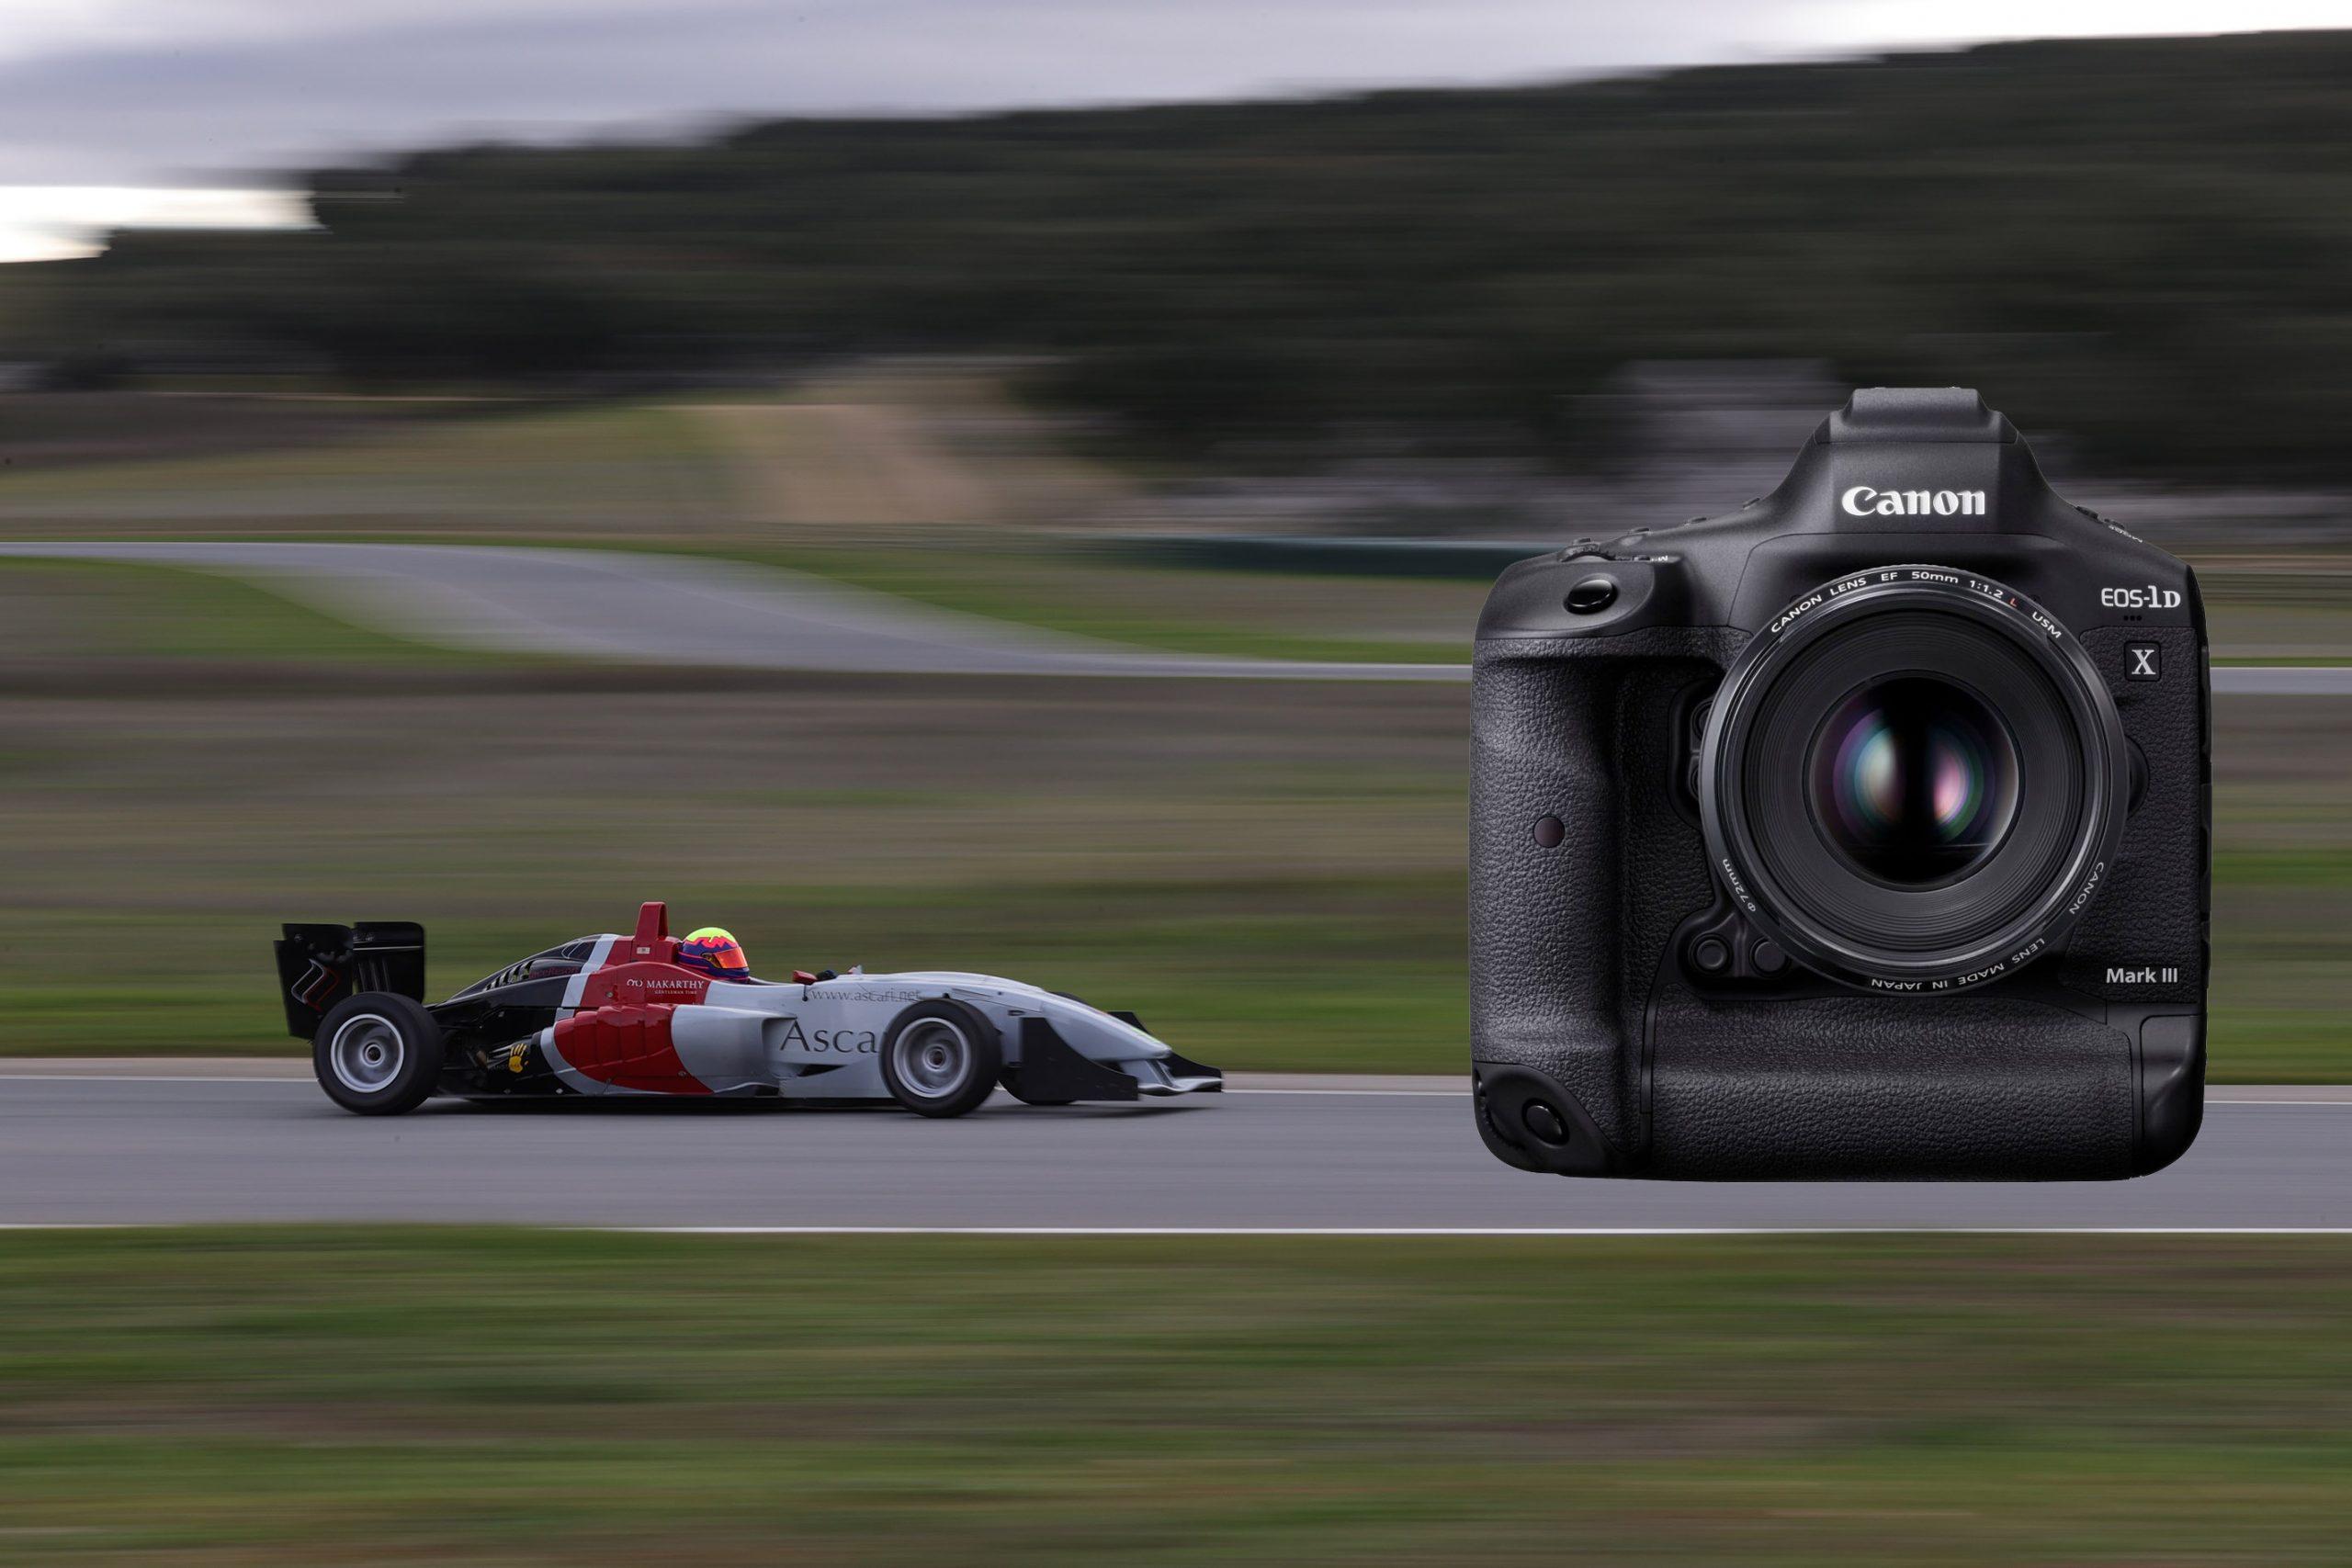 Ein schneller Autofokus und eine hoher Serienbildgeschwindigket machen die Canon EOS-1D X Mark III zu einer hervorragenden Kamera für Sport-, Action- und Tierfotografen.